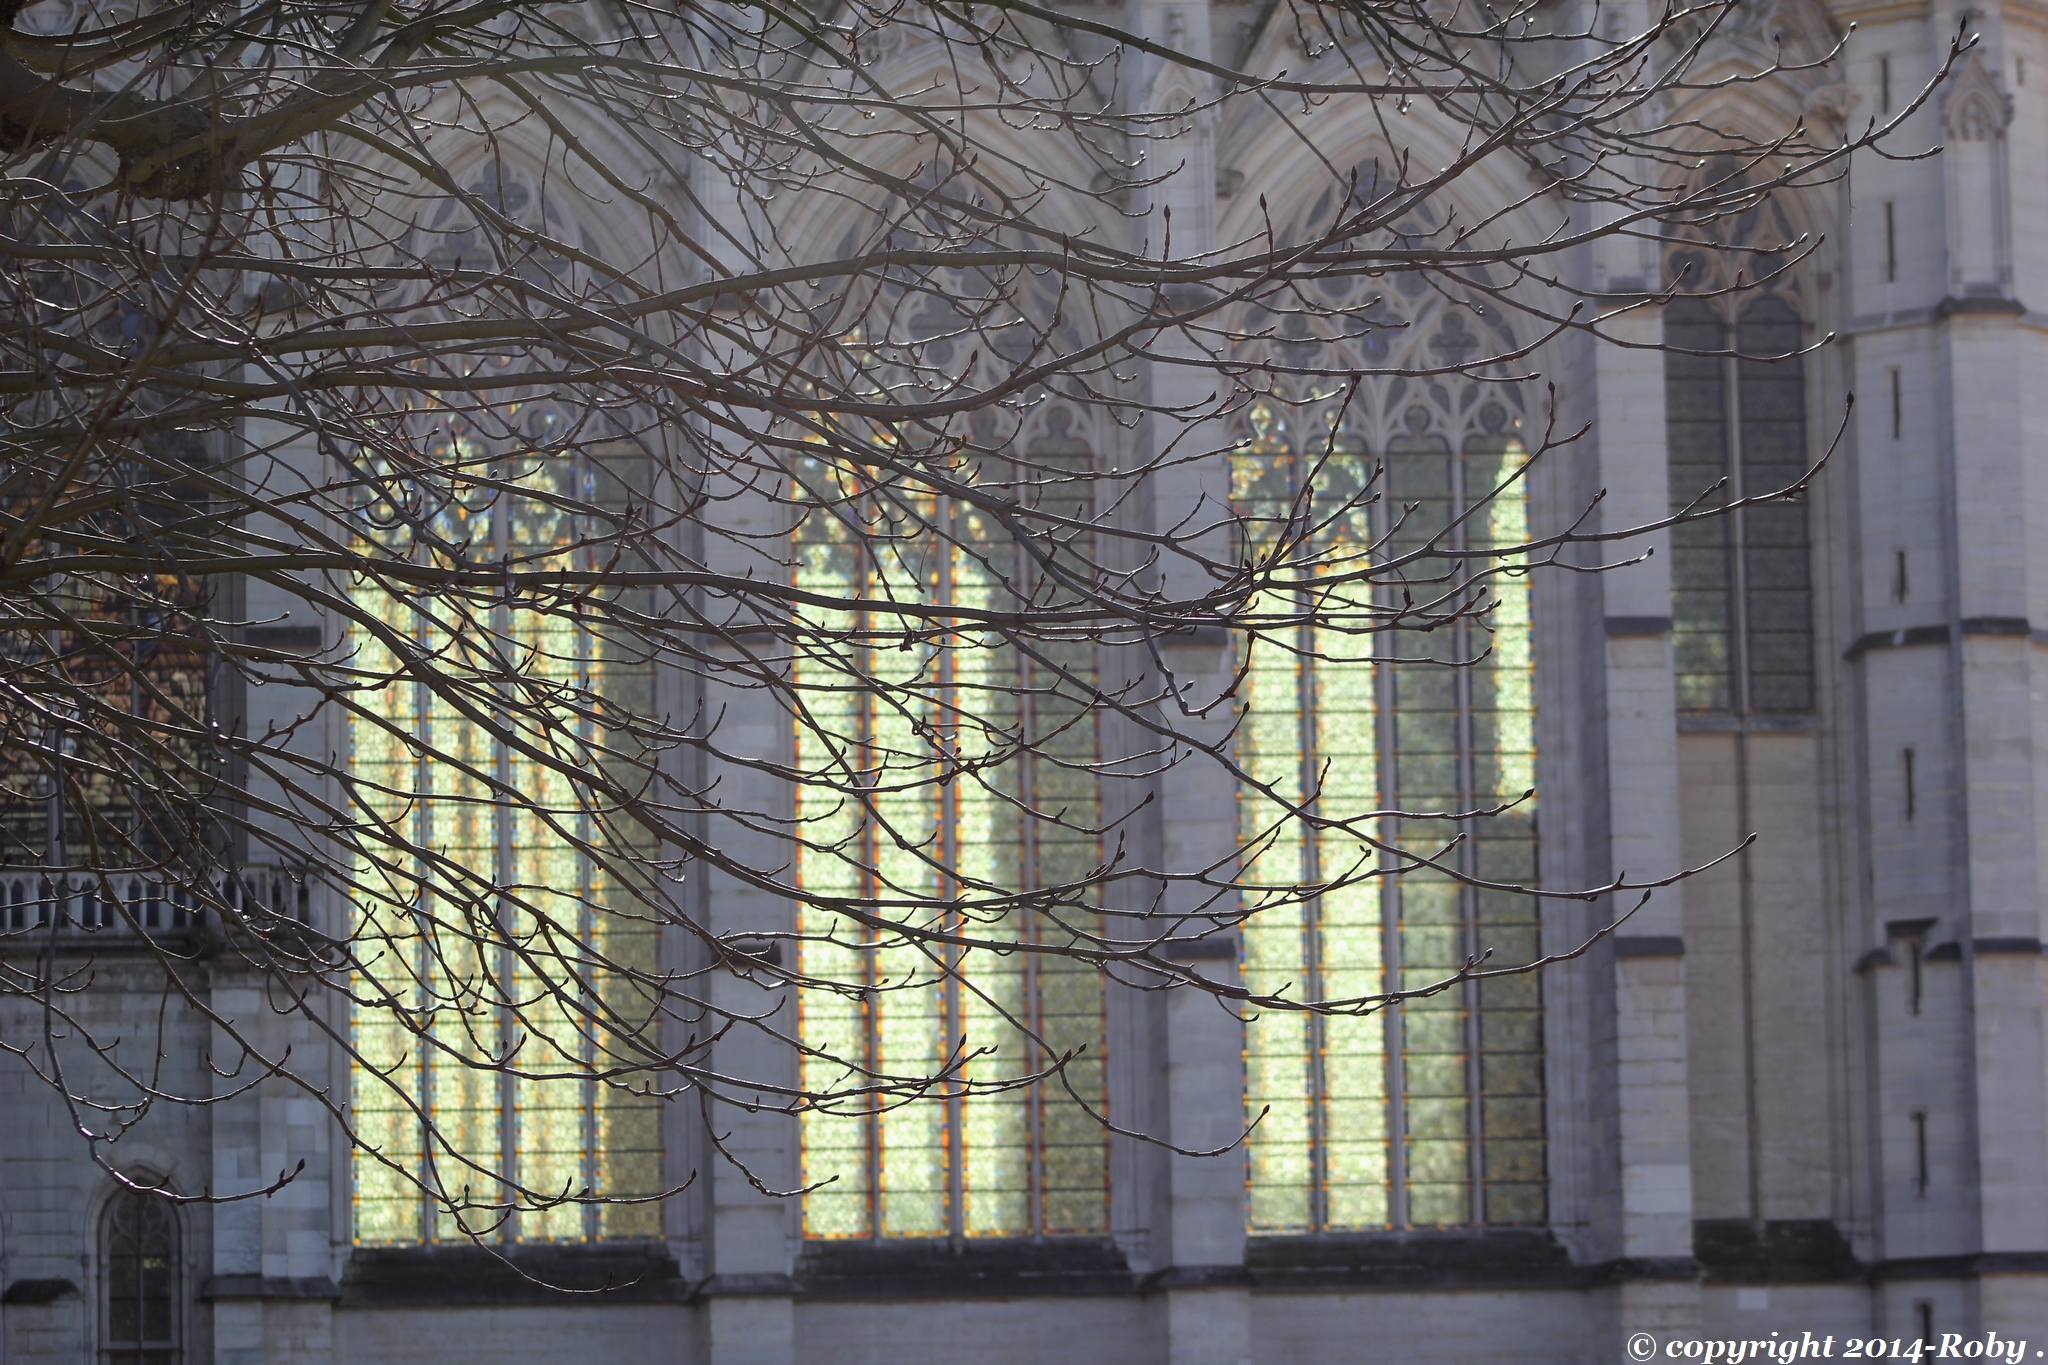 Sainte-chapelle de vincennes -2014 Roby